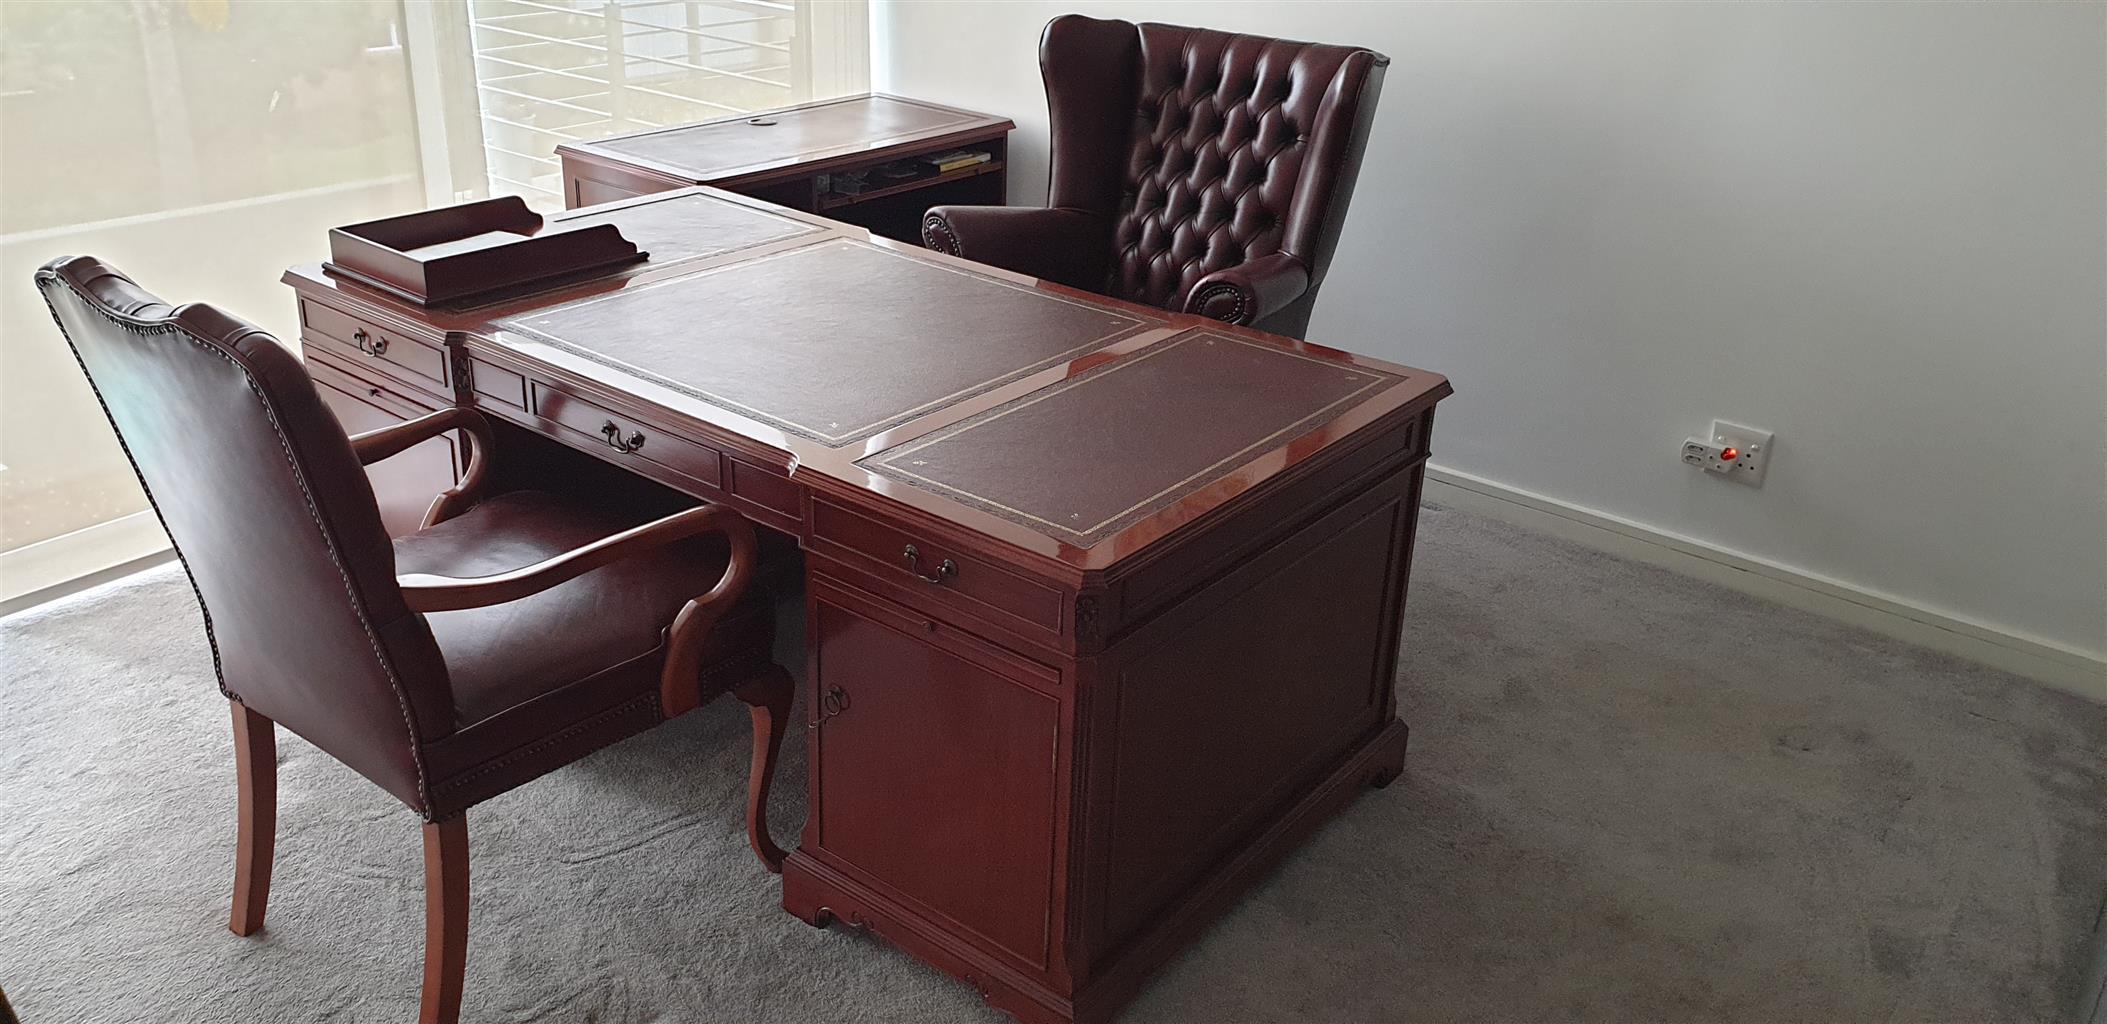 Bespoke home office desk